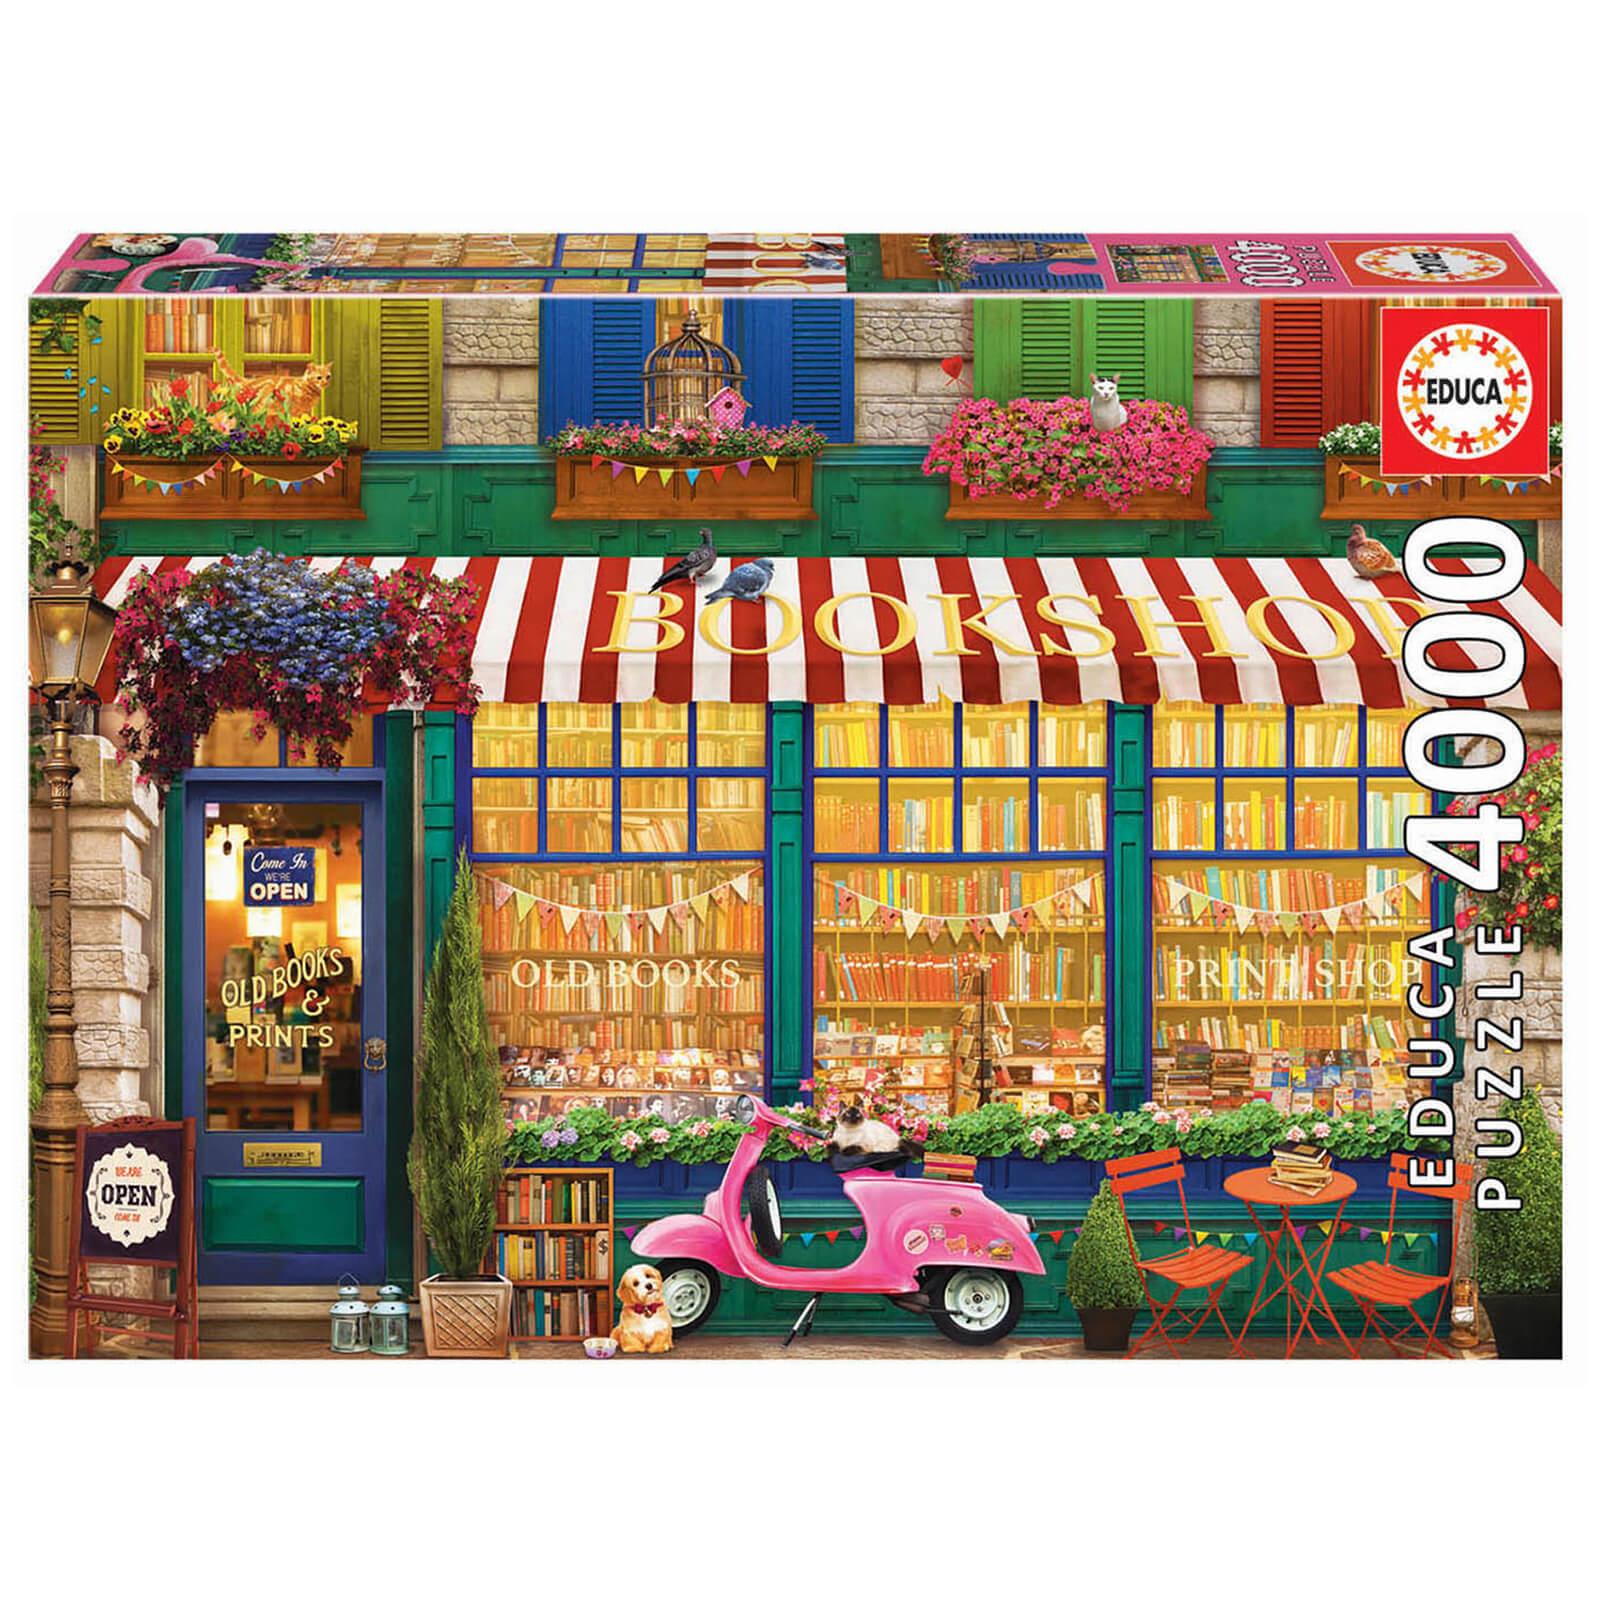 Image of Vintage Bookshop Jigsaw Puzzle (4000 pieces)